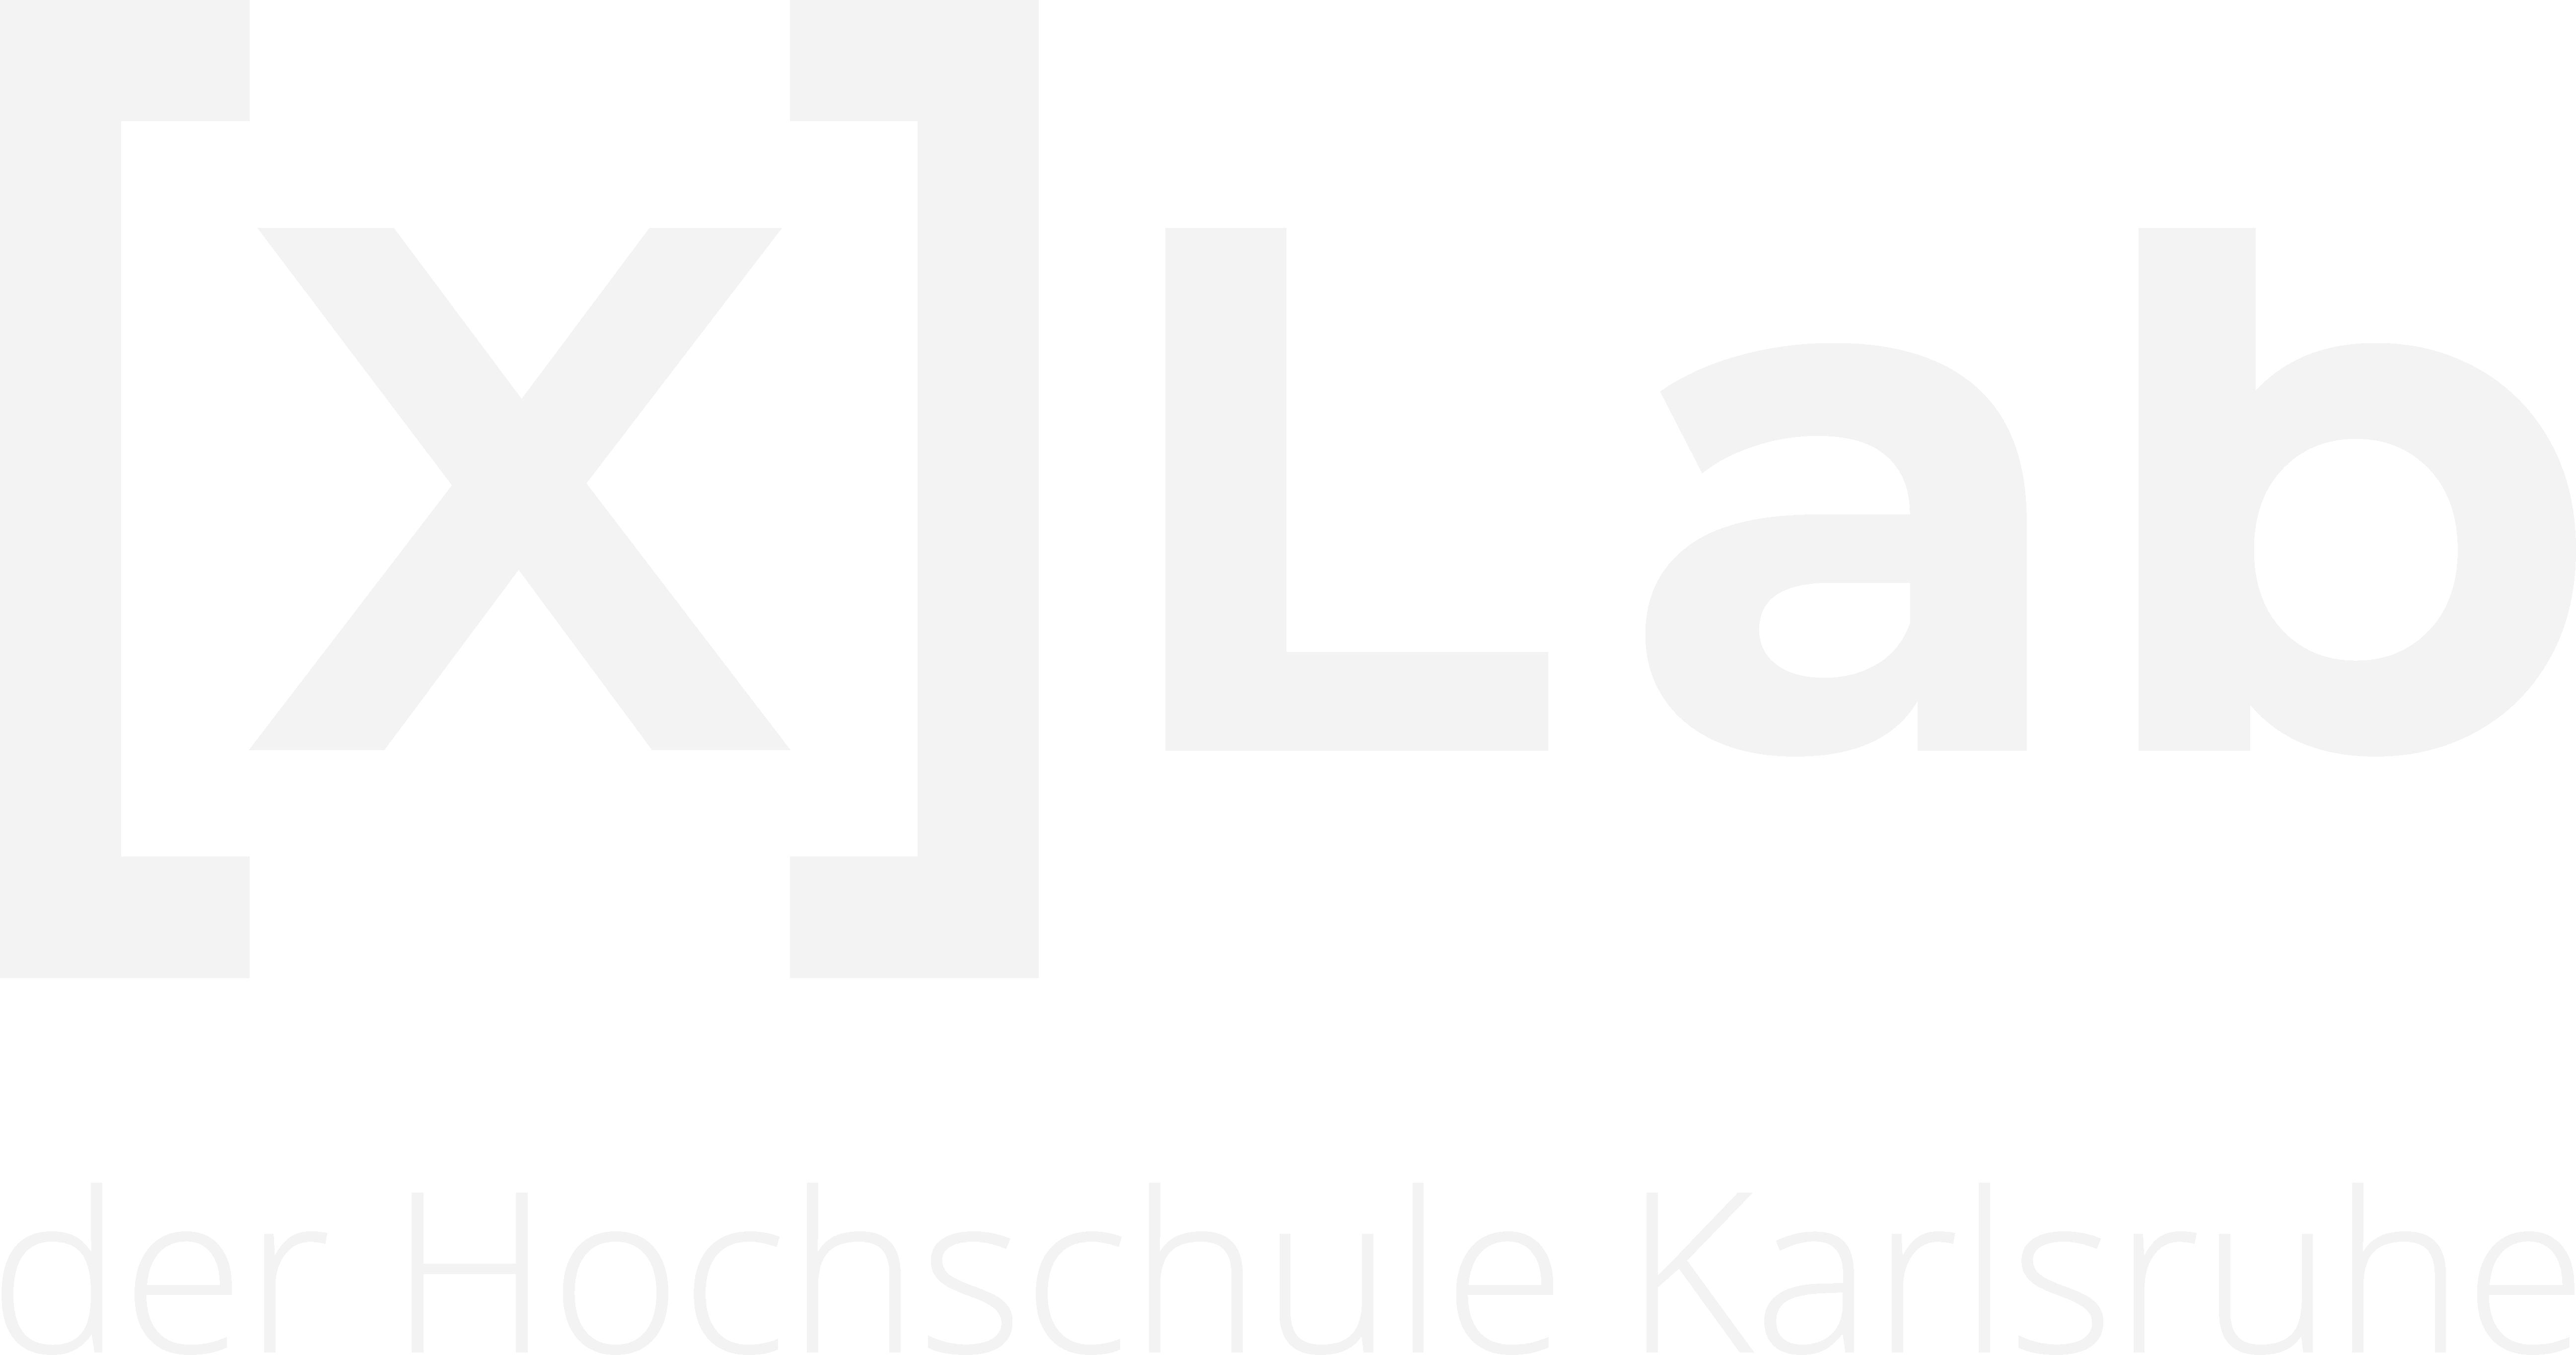 xLab der Hochschule Karlsruhe